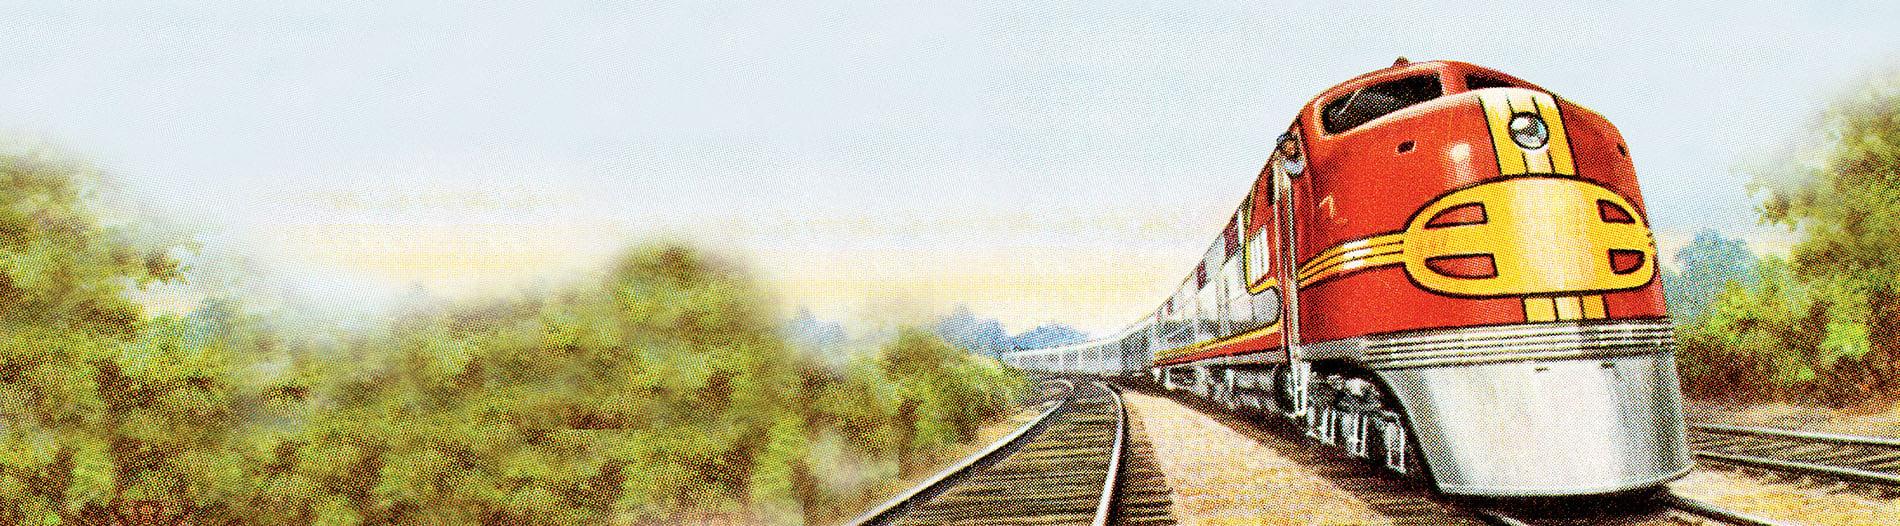 streamliner-1900-526